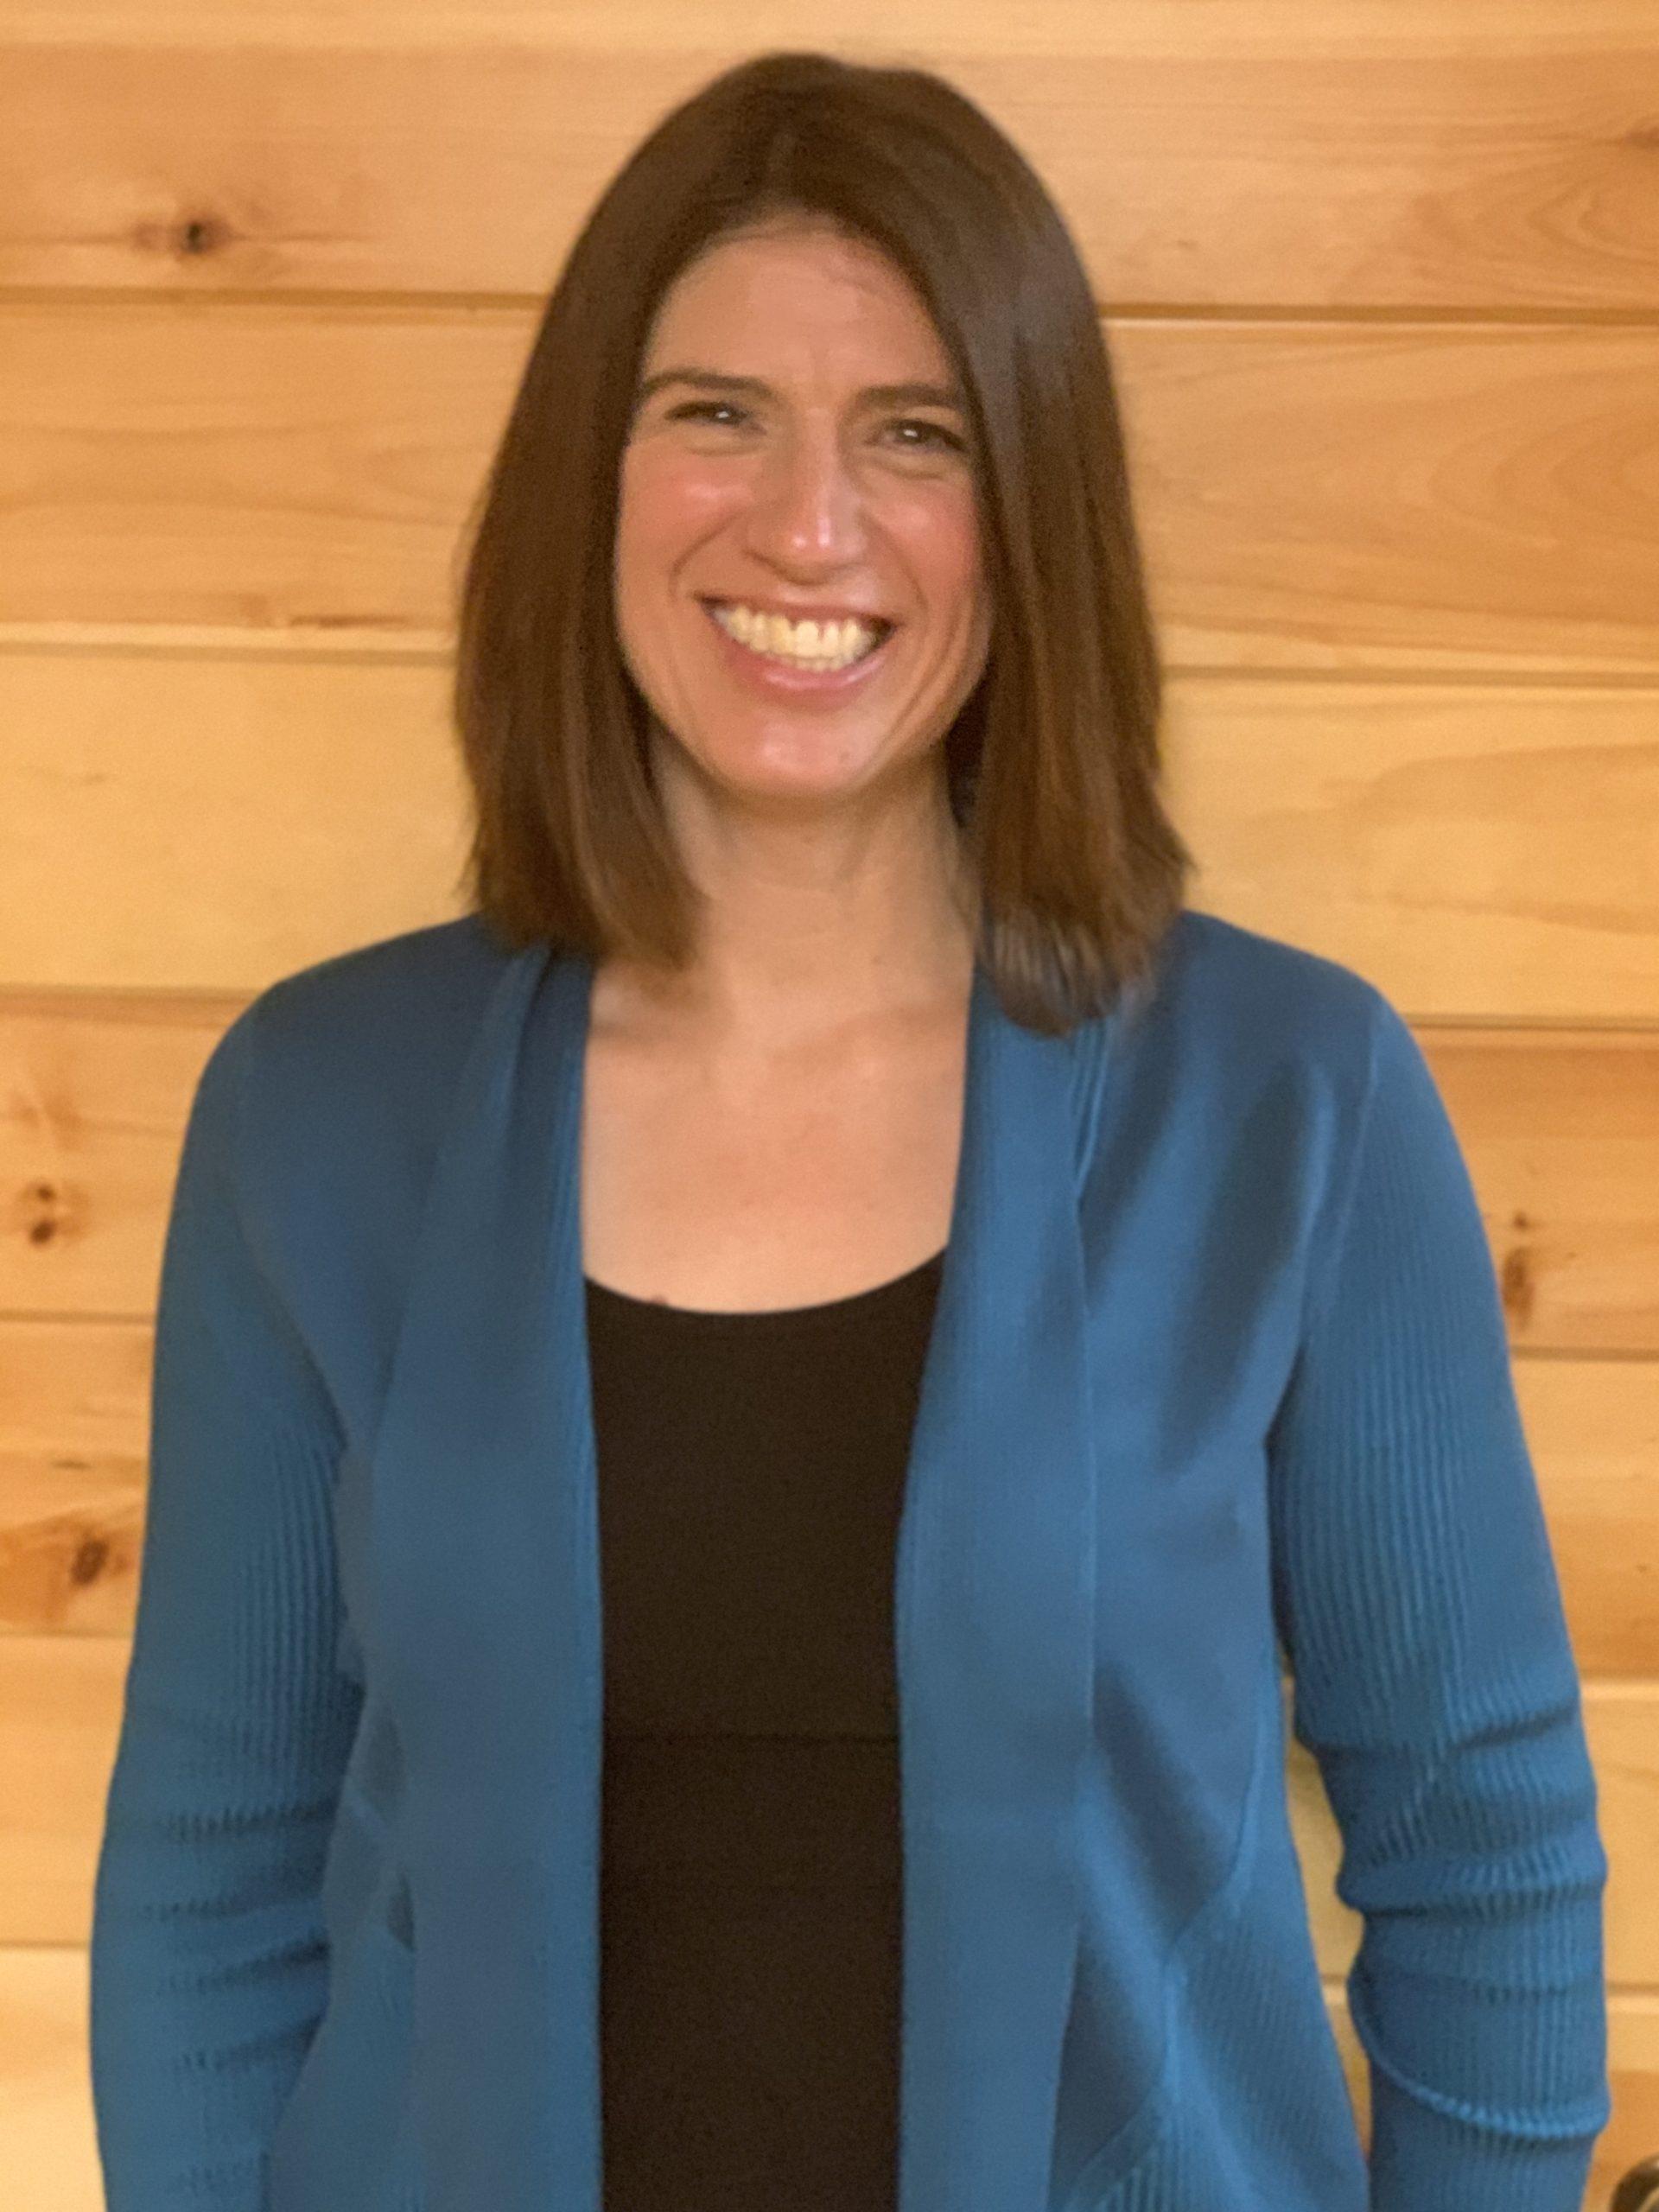 Brenda Spires